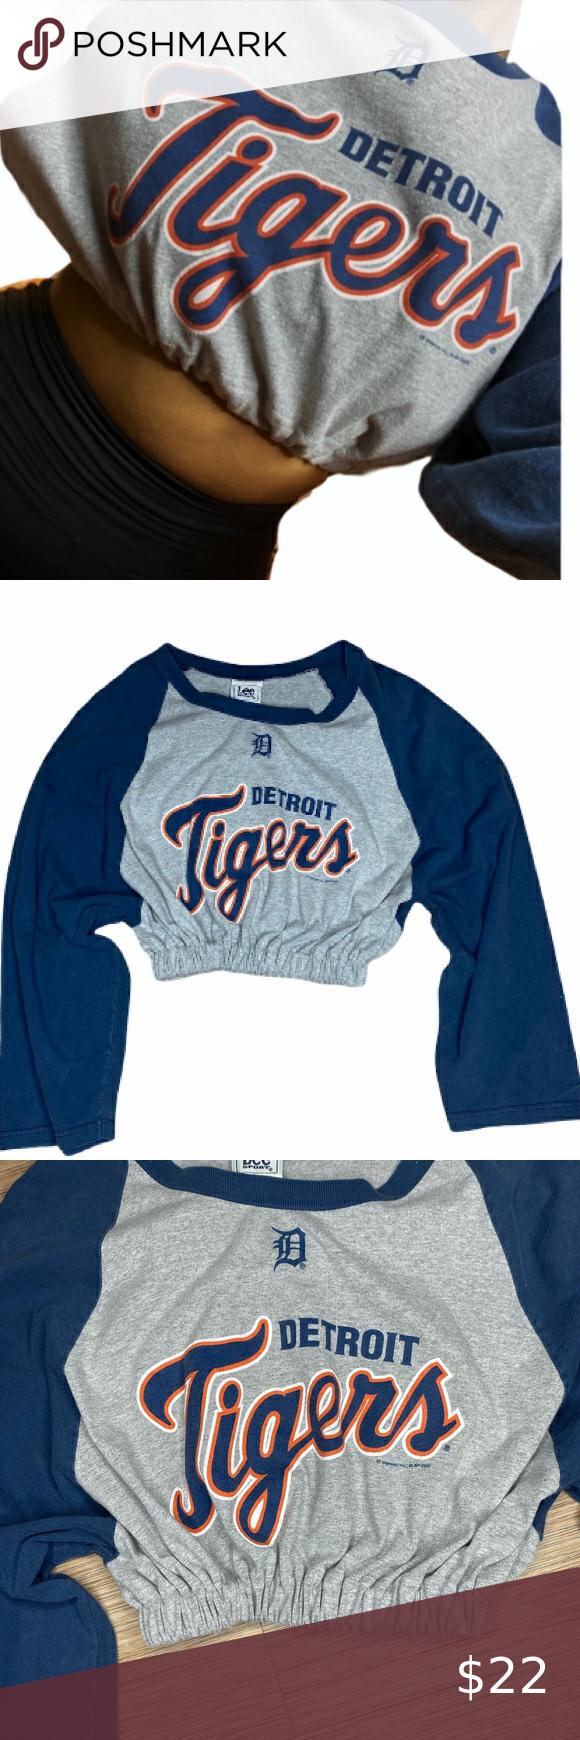 Vintage Detroit Tigers Reworked Crop Top Crop Tops Tops Detroit Tigers [ 1740 x 580 Pixel ]